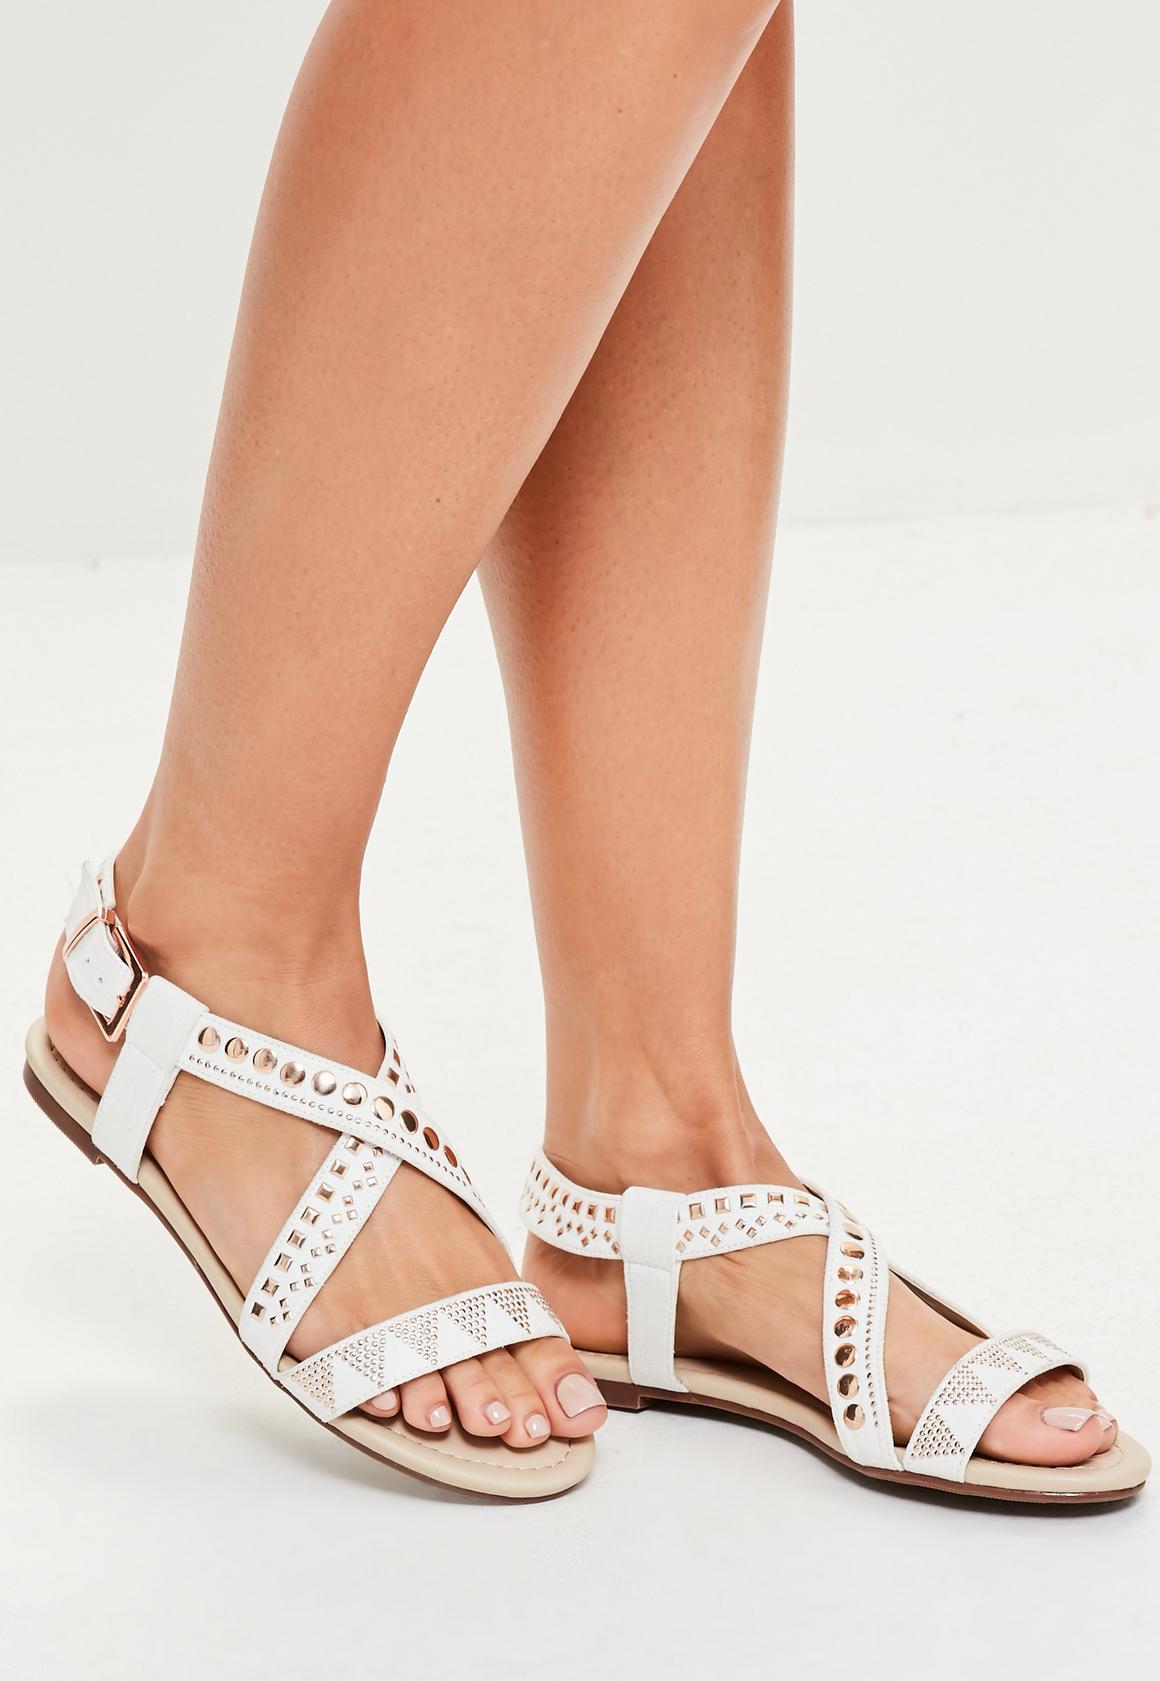 White sandals - White Studded Cross Over Flat Sandals White Studded Cross Over Flat Sandals